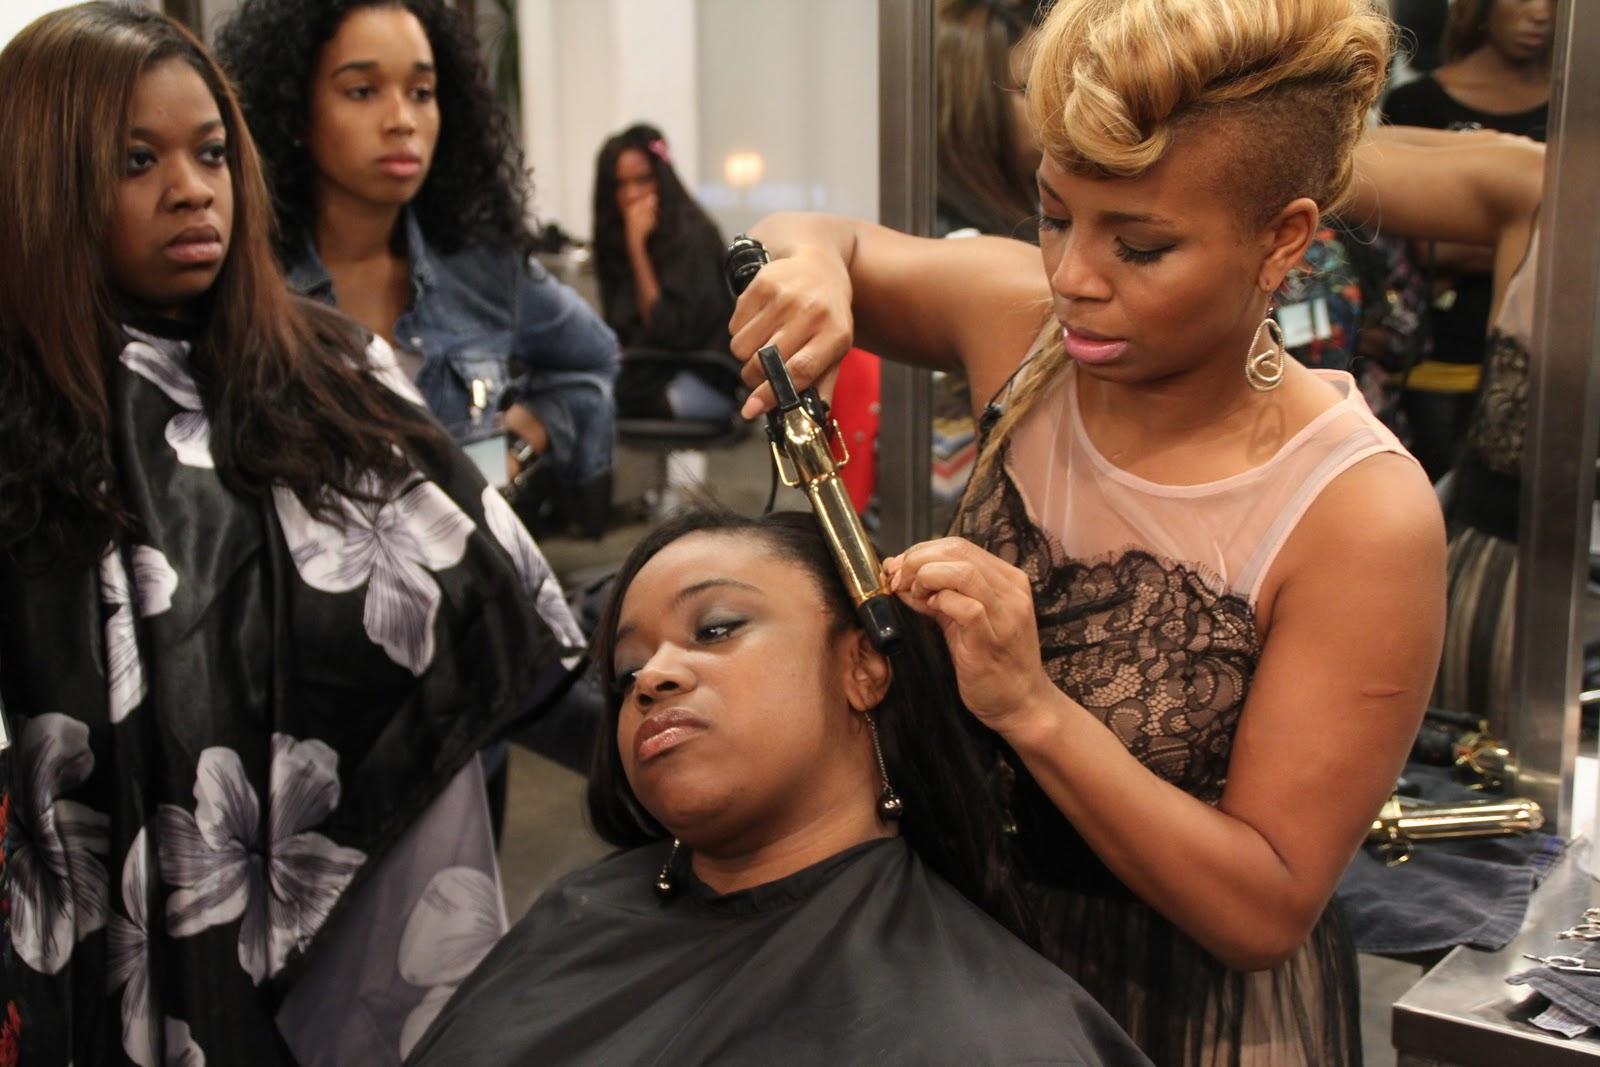 Hairstylist Salary : hair stylist - lengthphotos - Bloguez.com